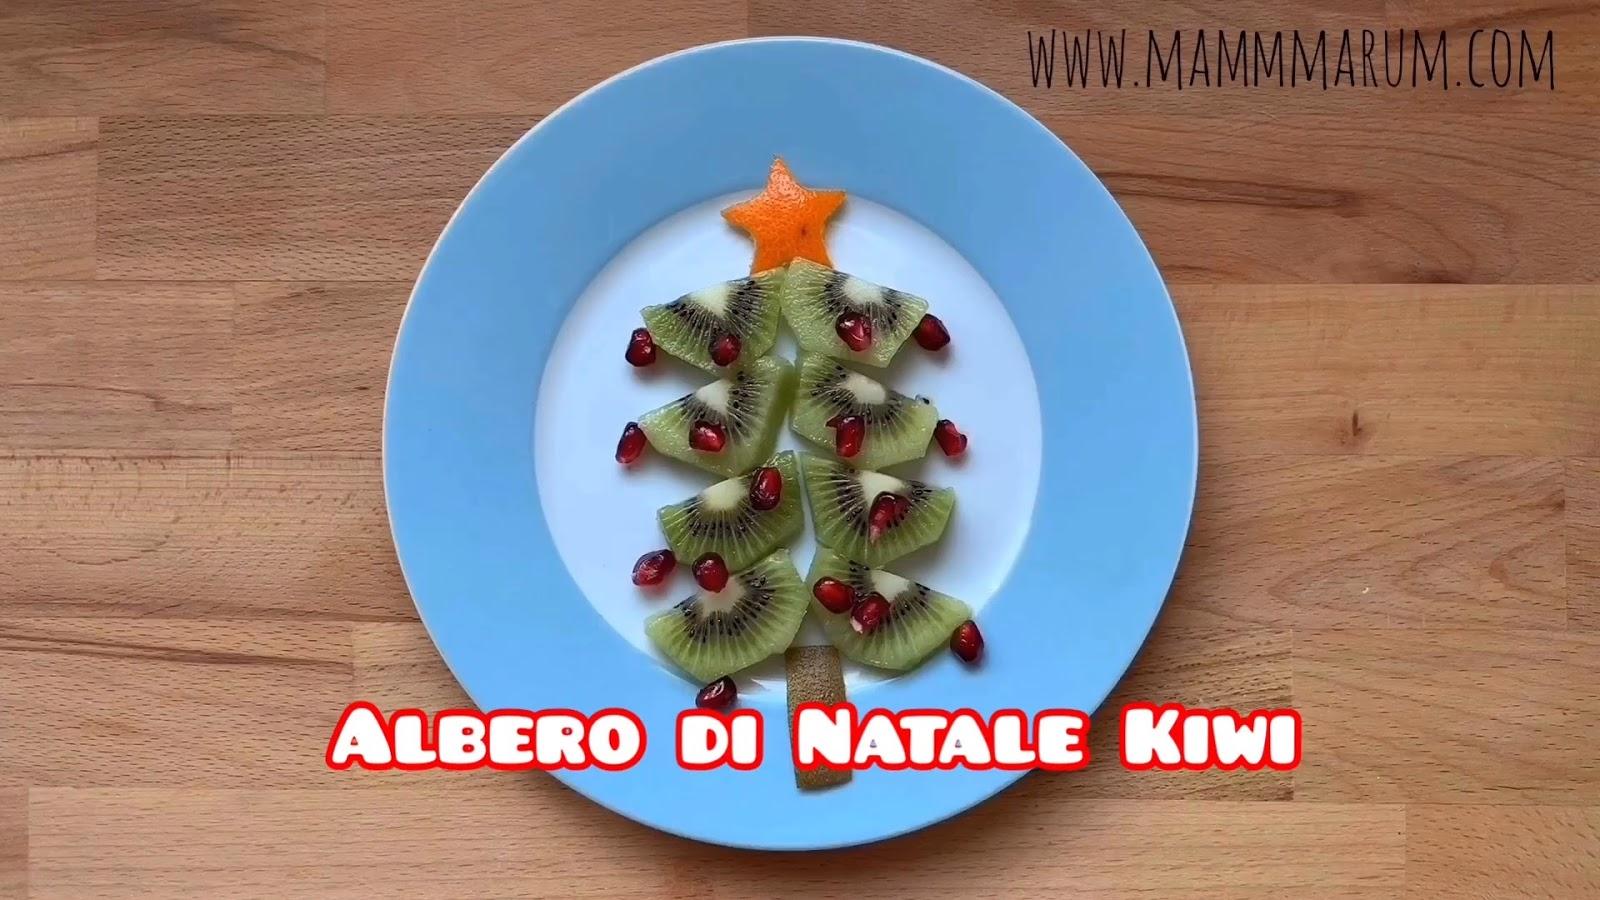 Giorno20: Albero di Natale Kiwi